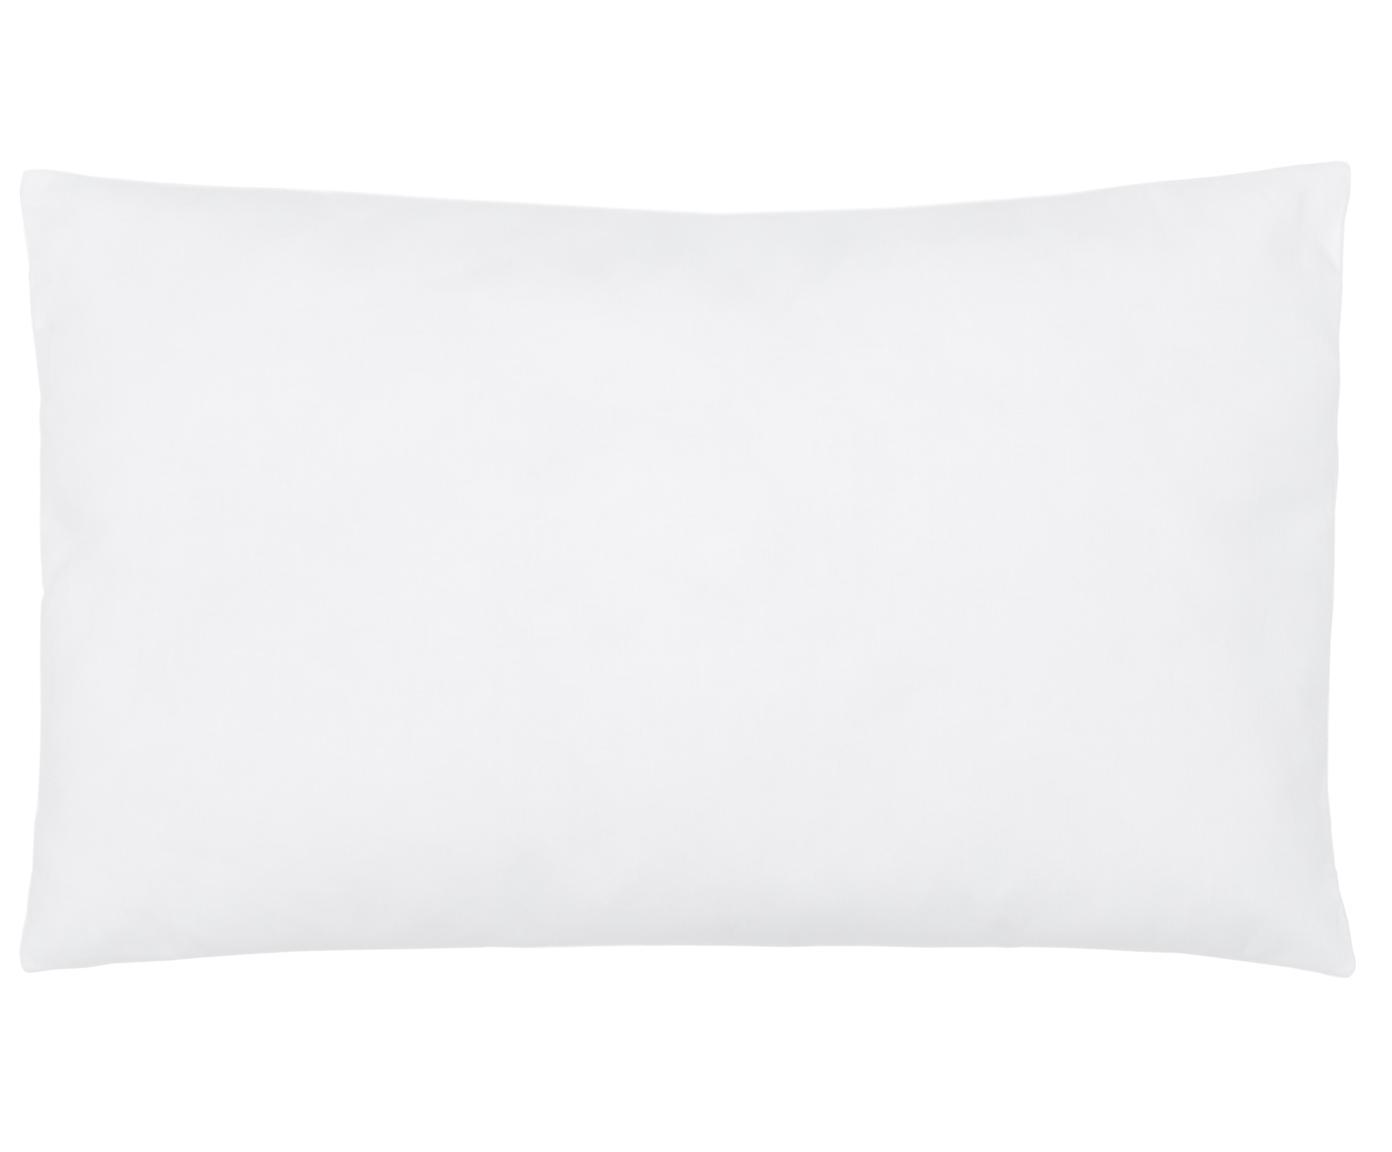 Kissen-Inlett Sia, 30x50, Microfaser-Füllung, Hülle: 100% Baumwolle, Weiss, 30 x 50 cm